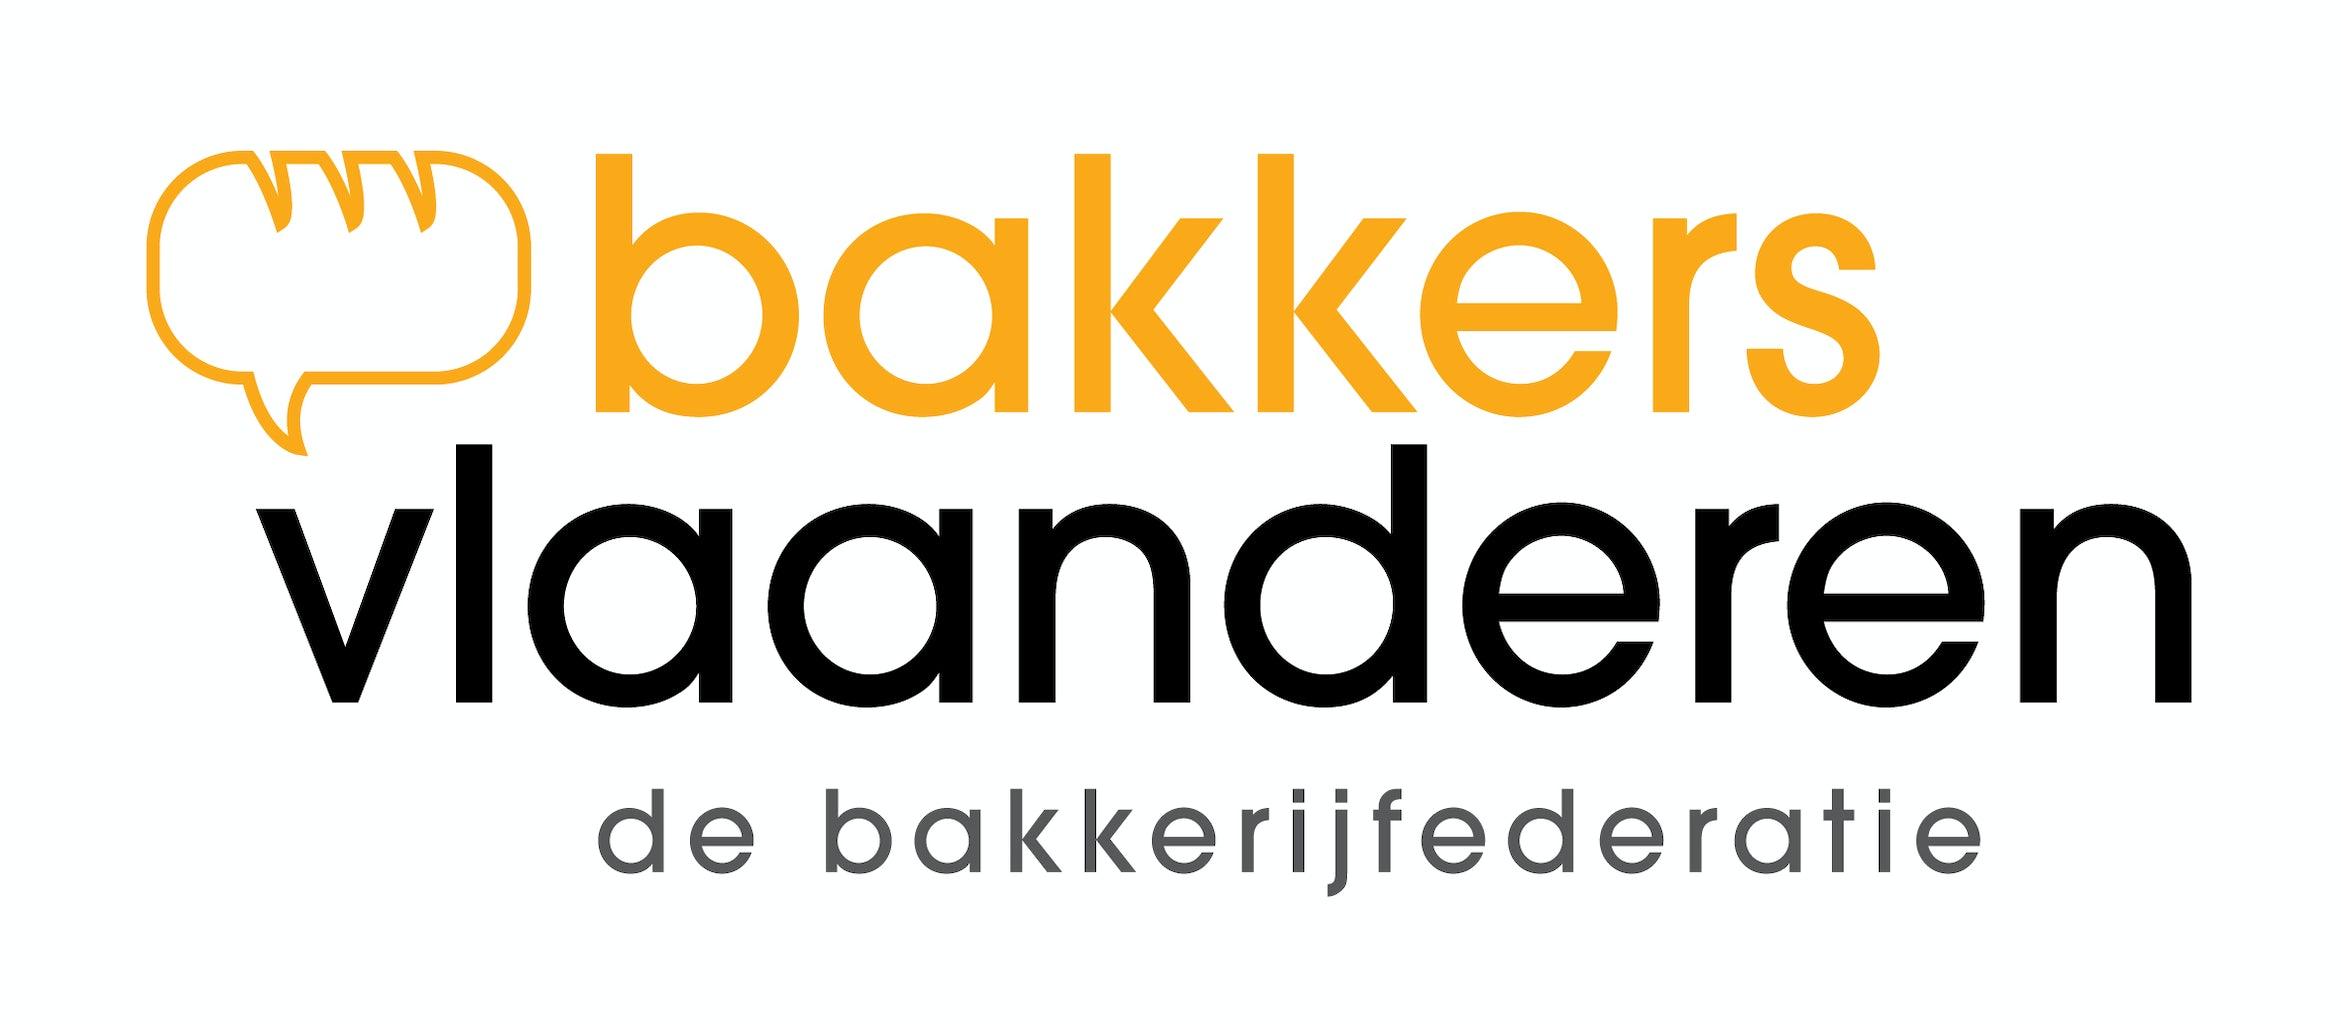 Bakkers Vlaanderen logo